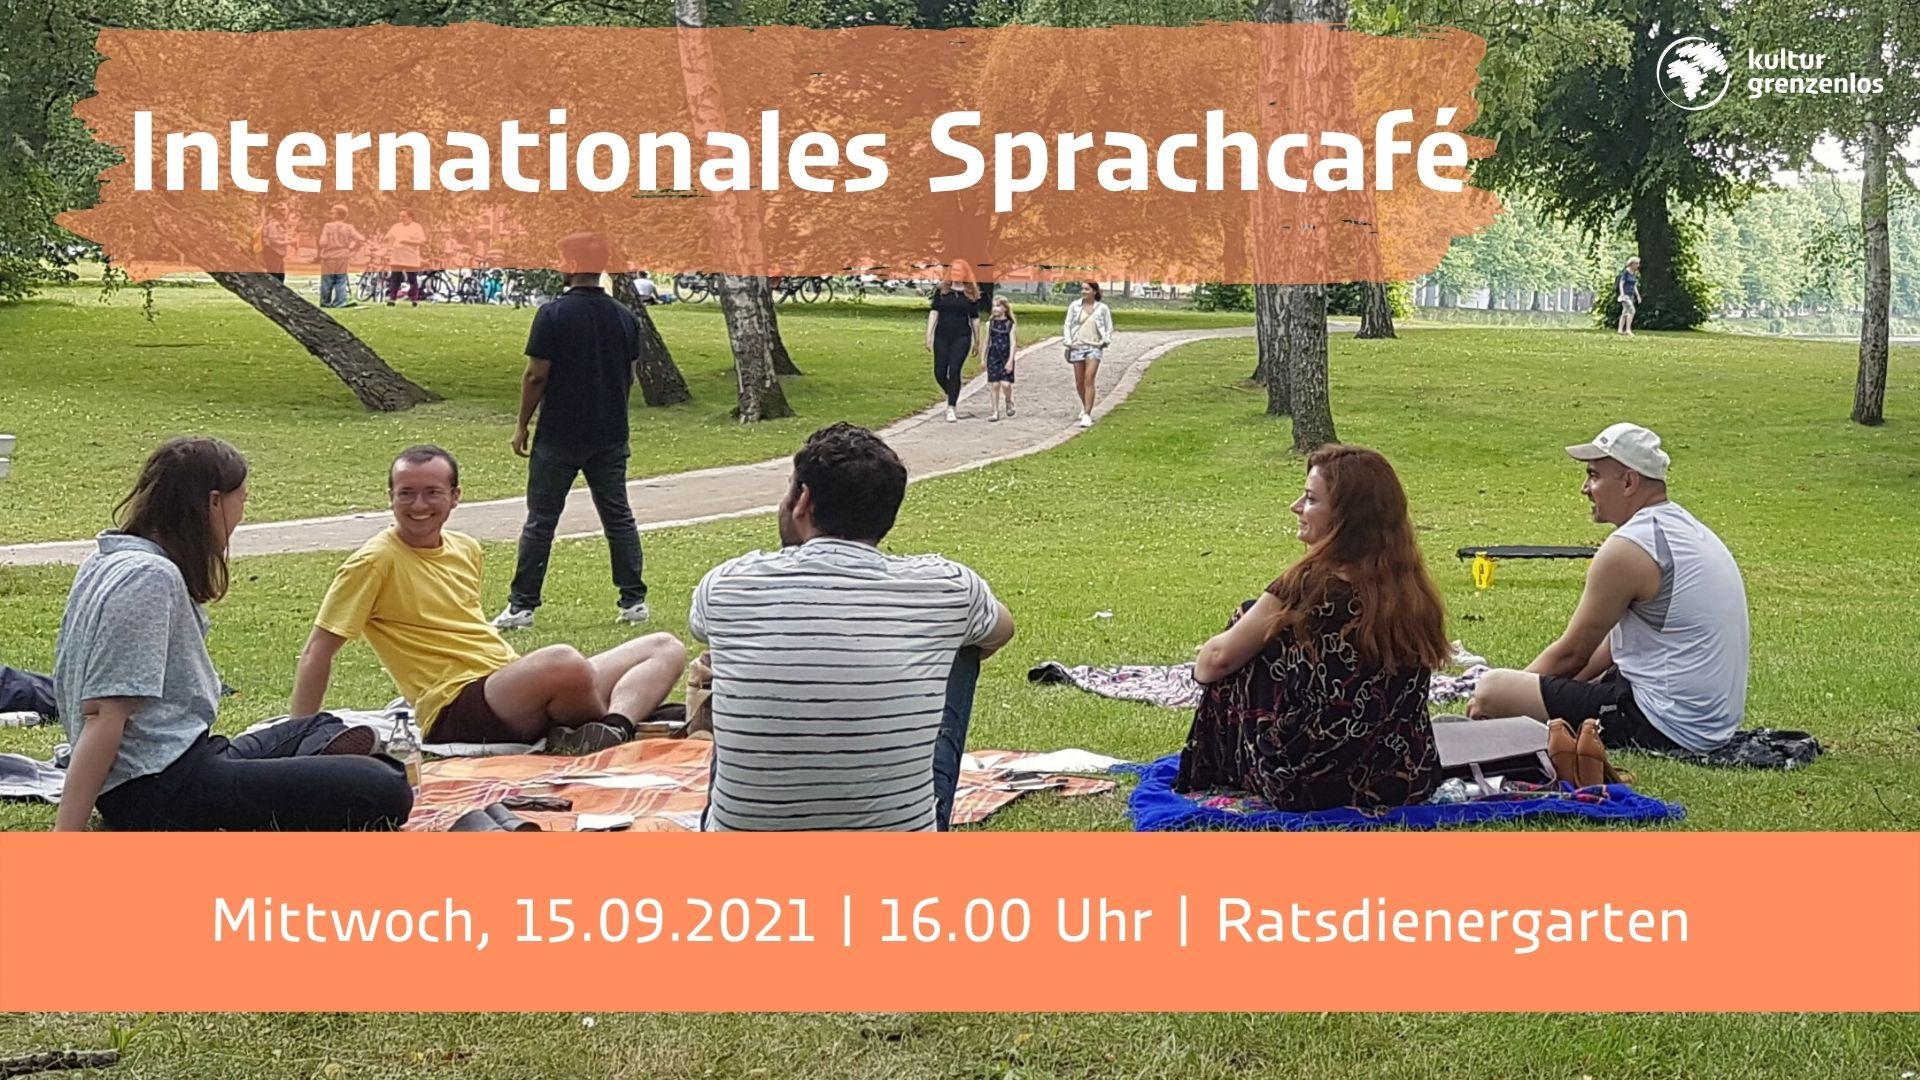 Internationales Sprachcafé am 15.09. um 16 Uhr im Ratsdienergarten